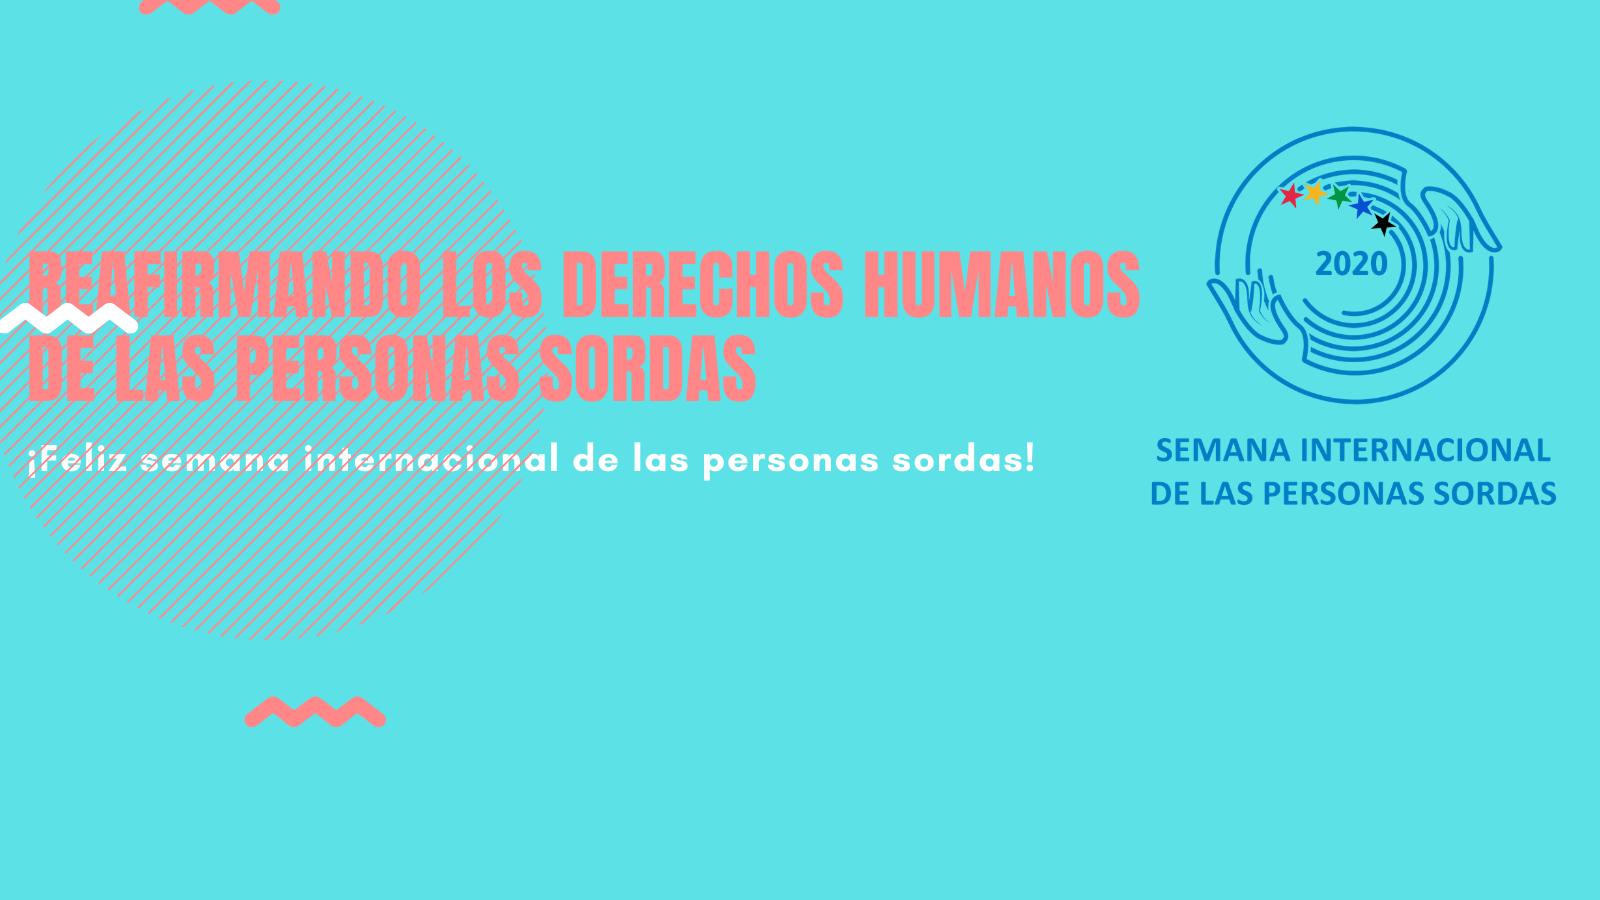 SEMANA INTERNACIONAL DE LAS PERSONAS SORDAS  2020